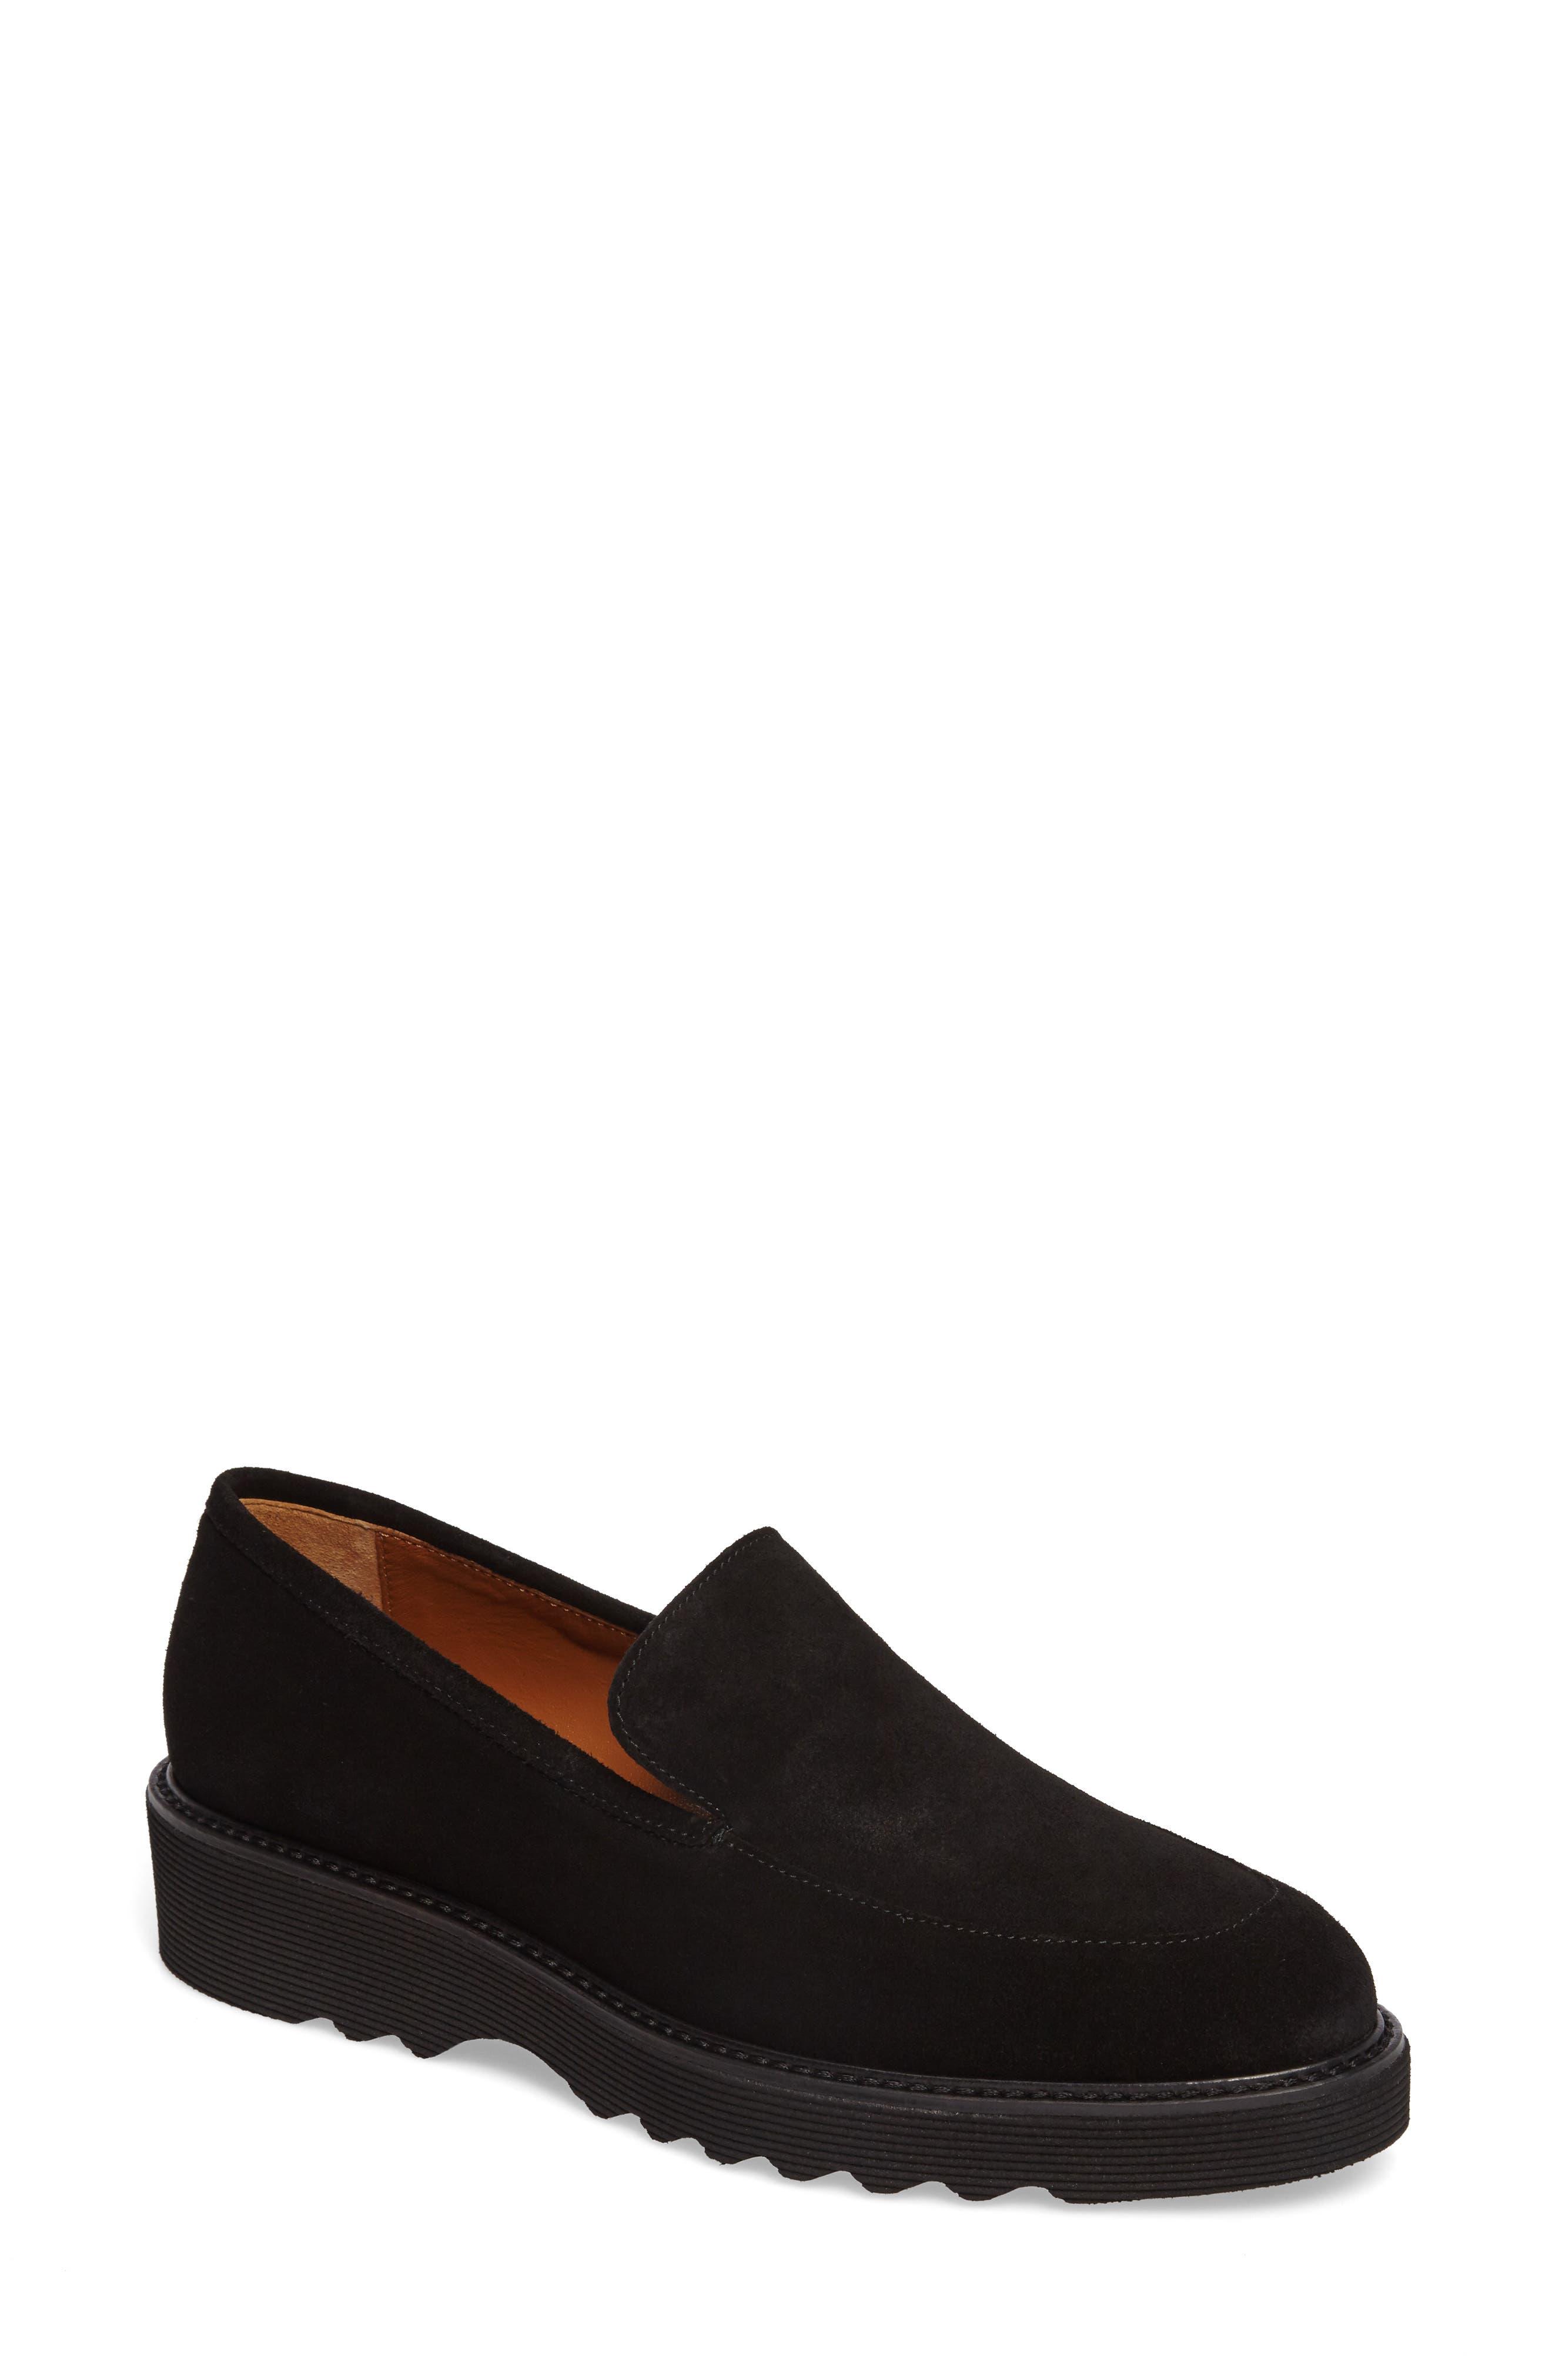 Kelsey Weatherproof Loafer,                         Main,                         color, Black Suede